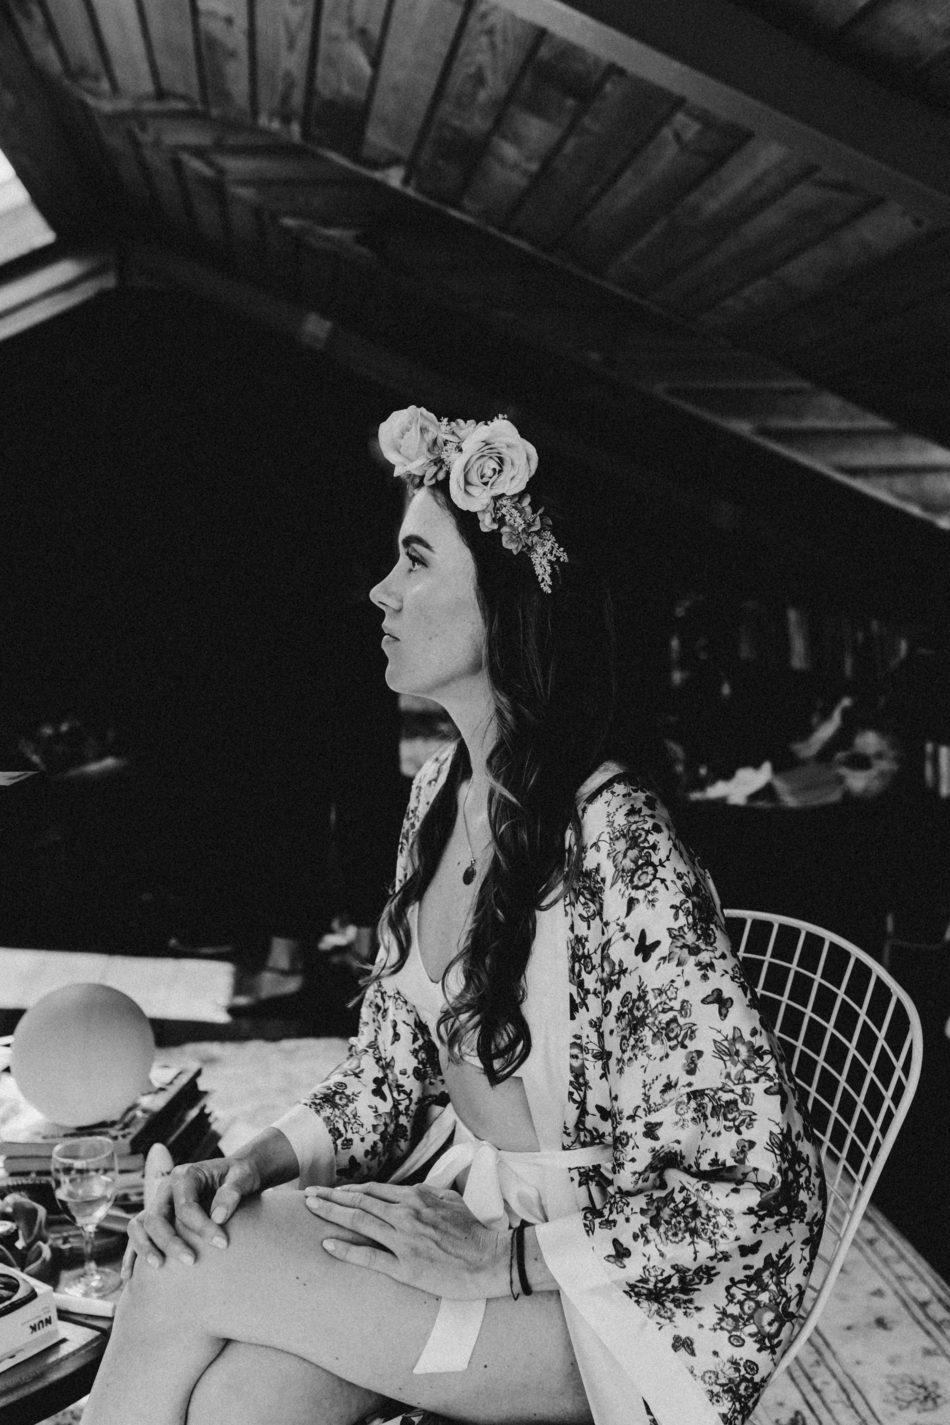 couronne de fleurs oversize par lday brindille pays basque